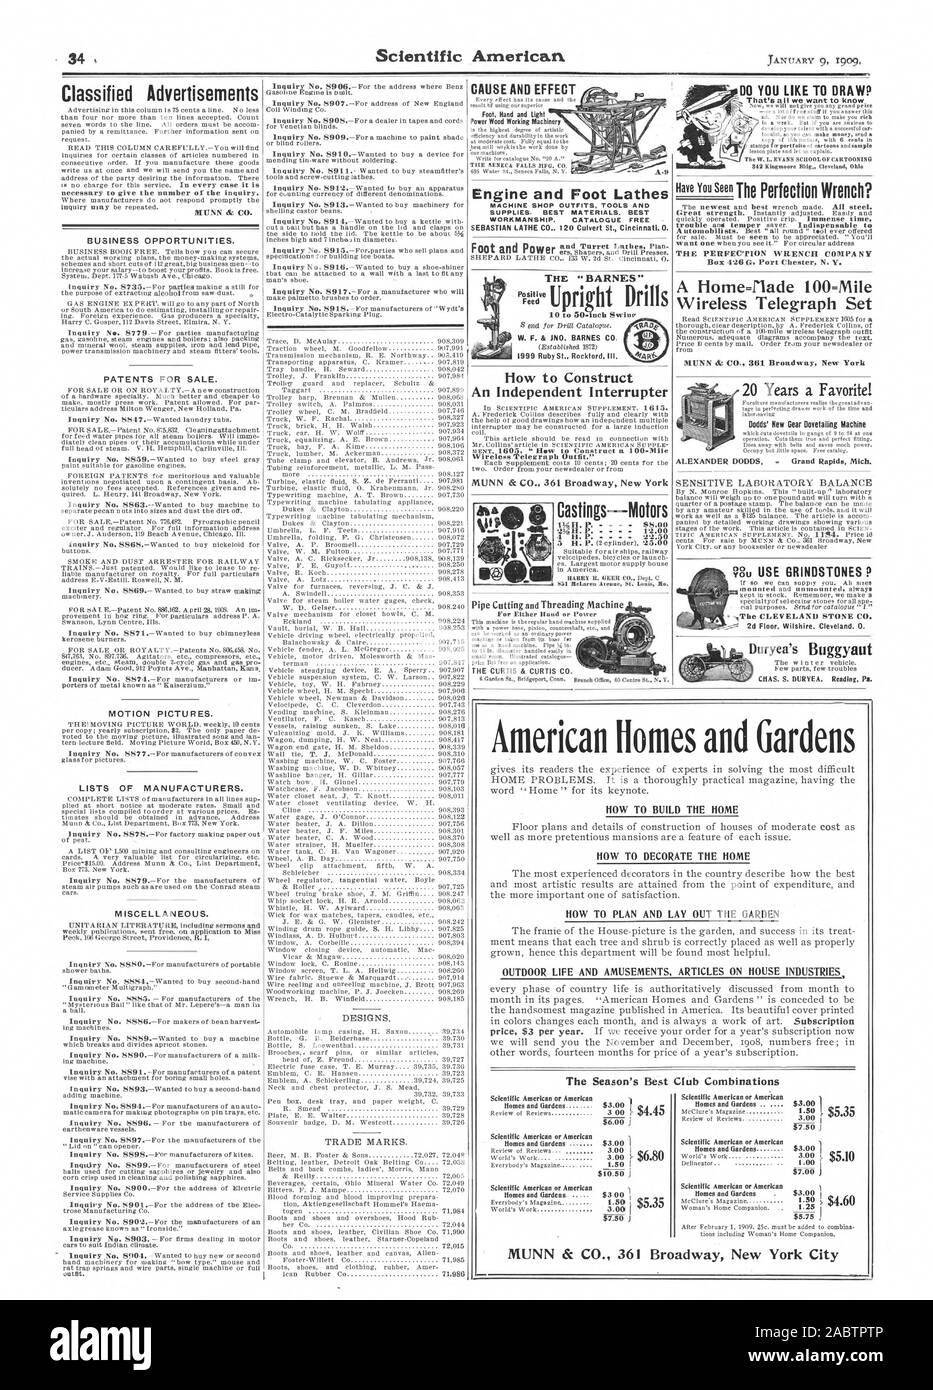 Conjunto telegráfica inalámbrica Dodds' nuevo engranaje trompo máquina ALEXANDER DODDS . Grand Rapids, Michigan. Vu utilizar muelas de P a la PIEDRA DE CLEVELAND CO. El 'BARNES ' W. F. & JNO. BARNES C 1999 Ruby St. Rockford Illinois Castings Motores - 88.00 4 H. P. 551 Melanina Arrnor IS. Loon No. American Homes y jardines inicio PROBLEMAS. Es una práctica completamente con la revista cómo construir la casa Cómo decorar la casa cómo planificar y diseñar el jardín de la vida al aire libre y atracciones artículos sobre industrias de la casa de la temporada del Mejor Club Americano o Scientific American Scientific American o Amehcan combinaciones Foto de stock